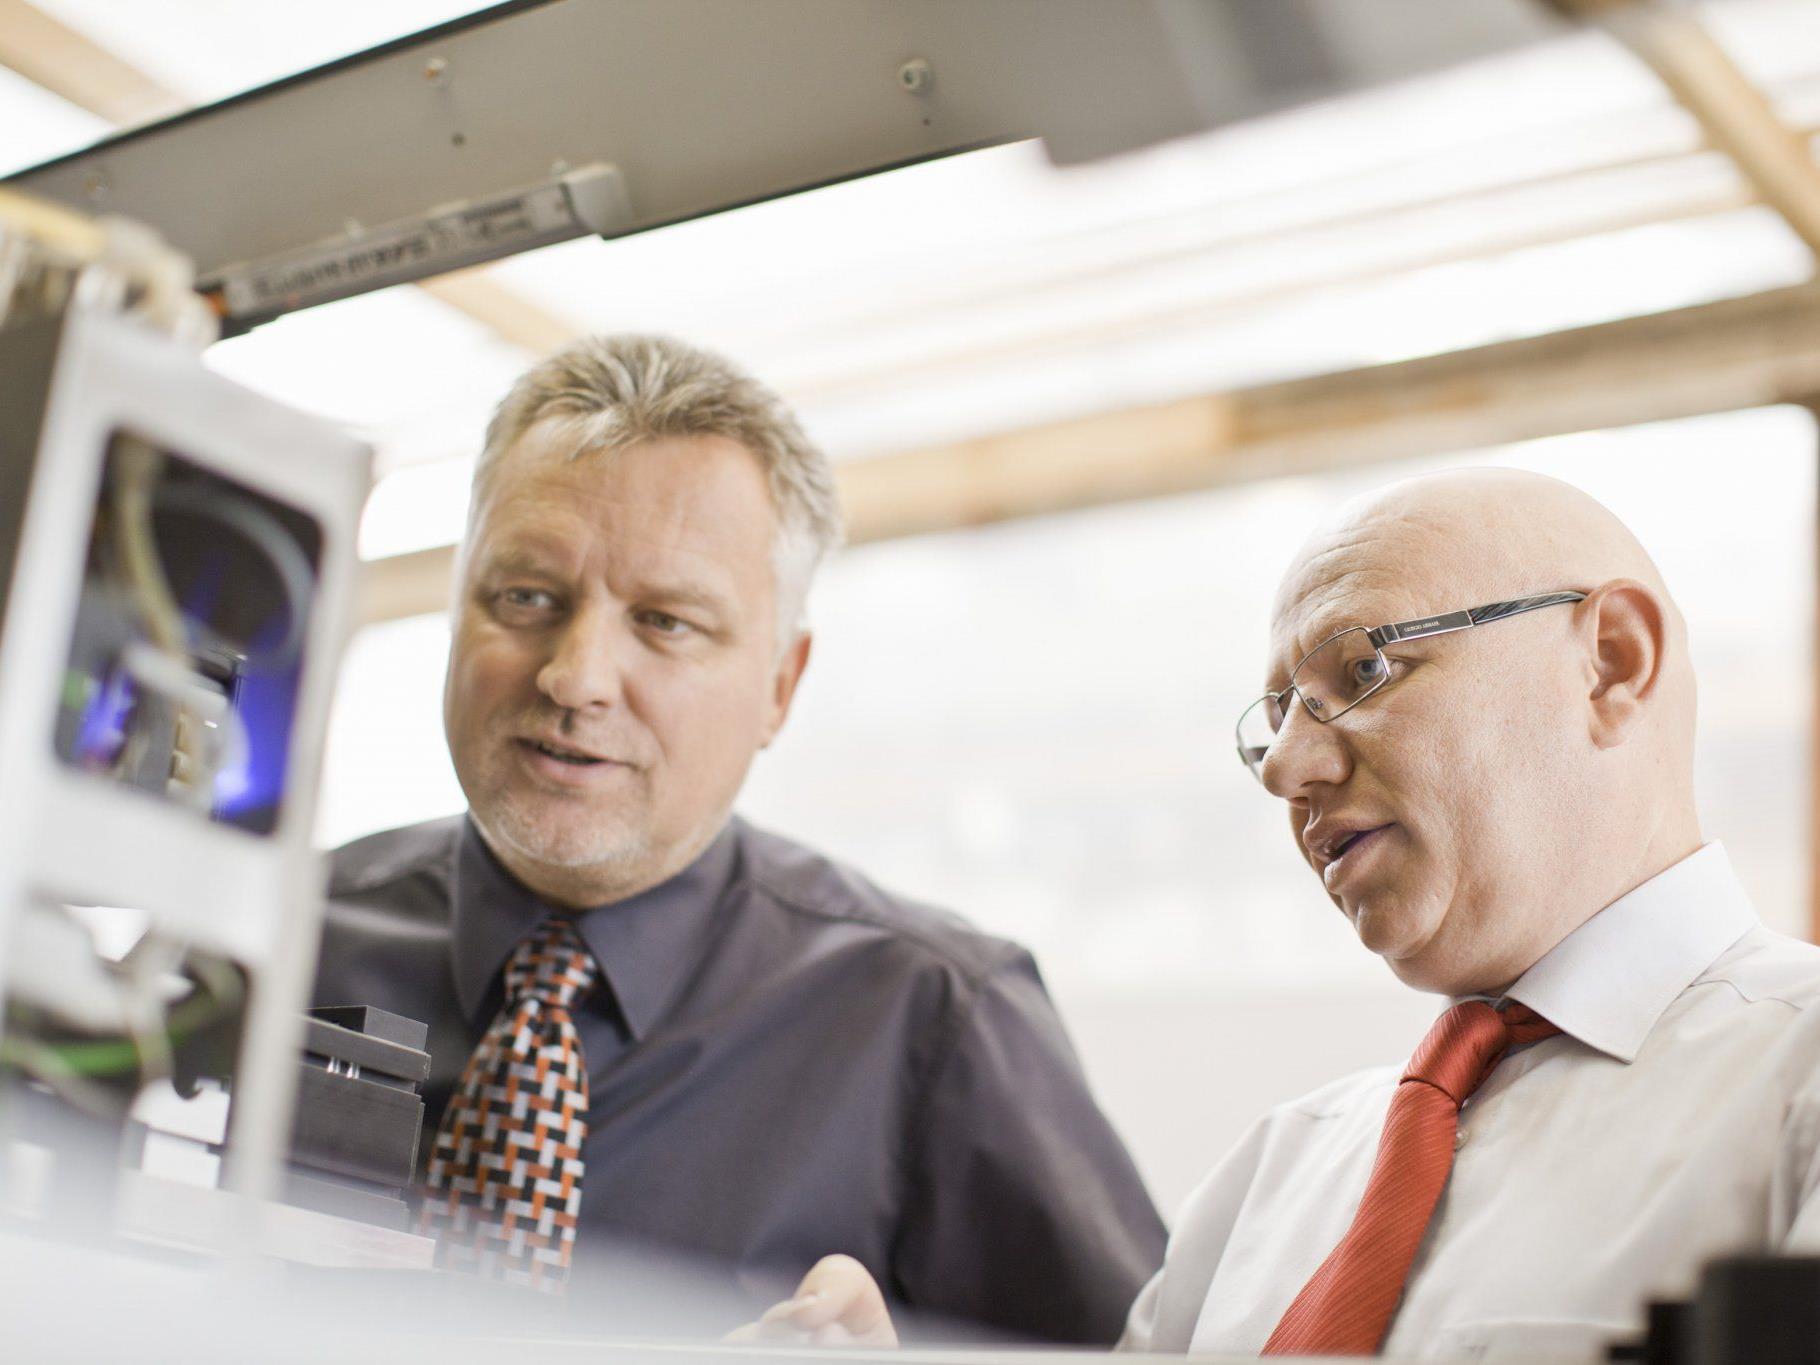 Möglichst nahe und präzise am Original arbeiten und produzieren ist das Credo der 1zu1 Prototypen-Geschäftsführer Wolfgang Humml (l.) und Hannes Hämmerle.